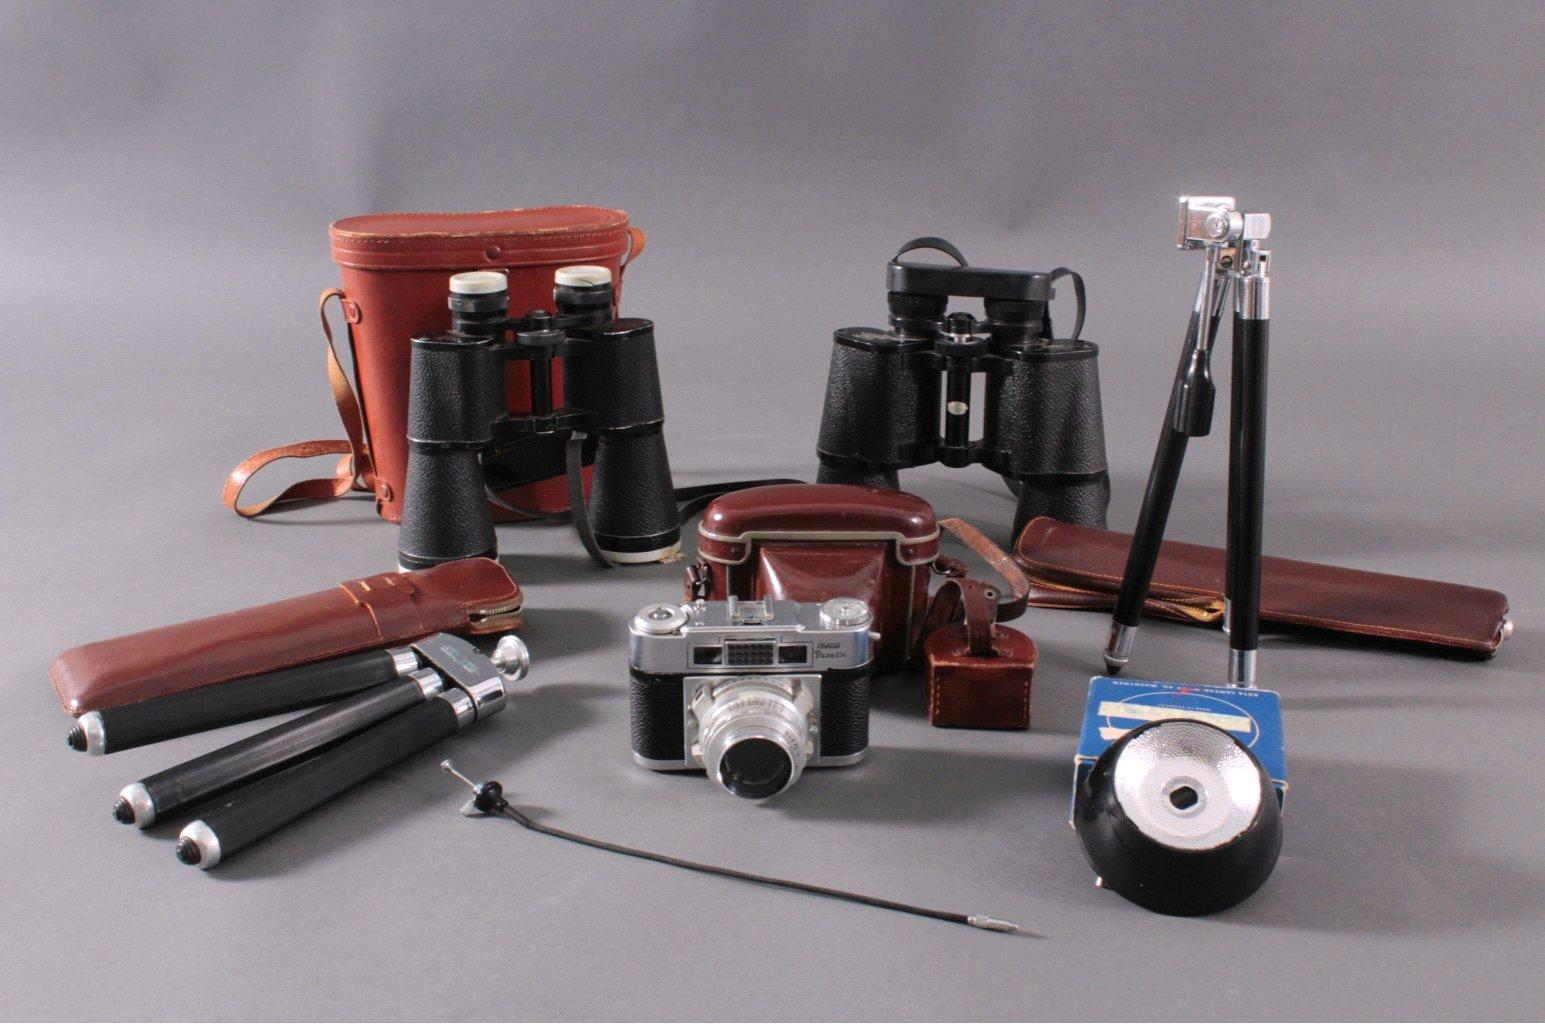 2 Ferngläser und 1 Kamera mit Zubehör